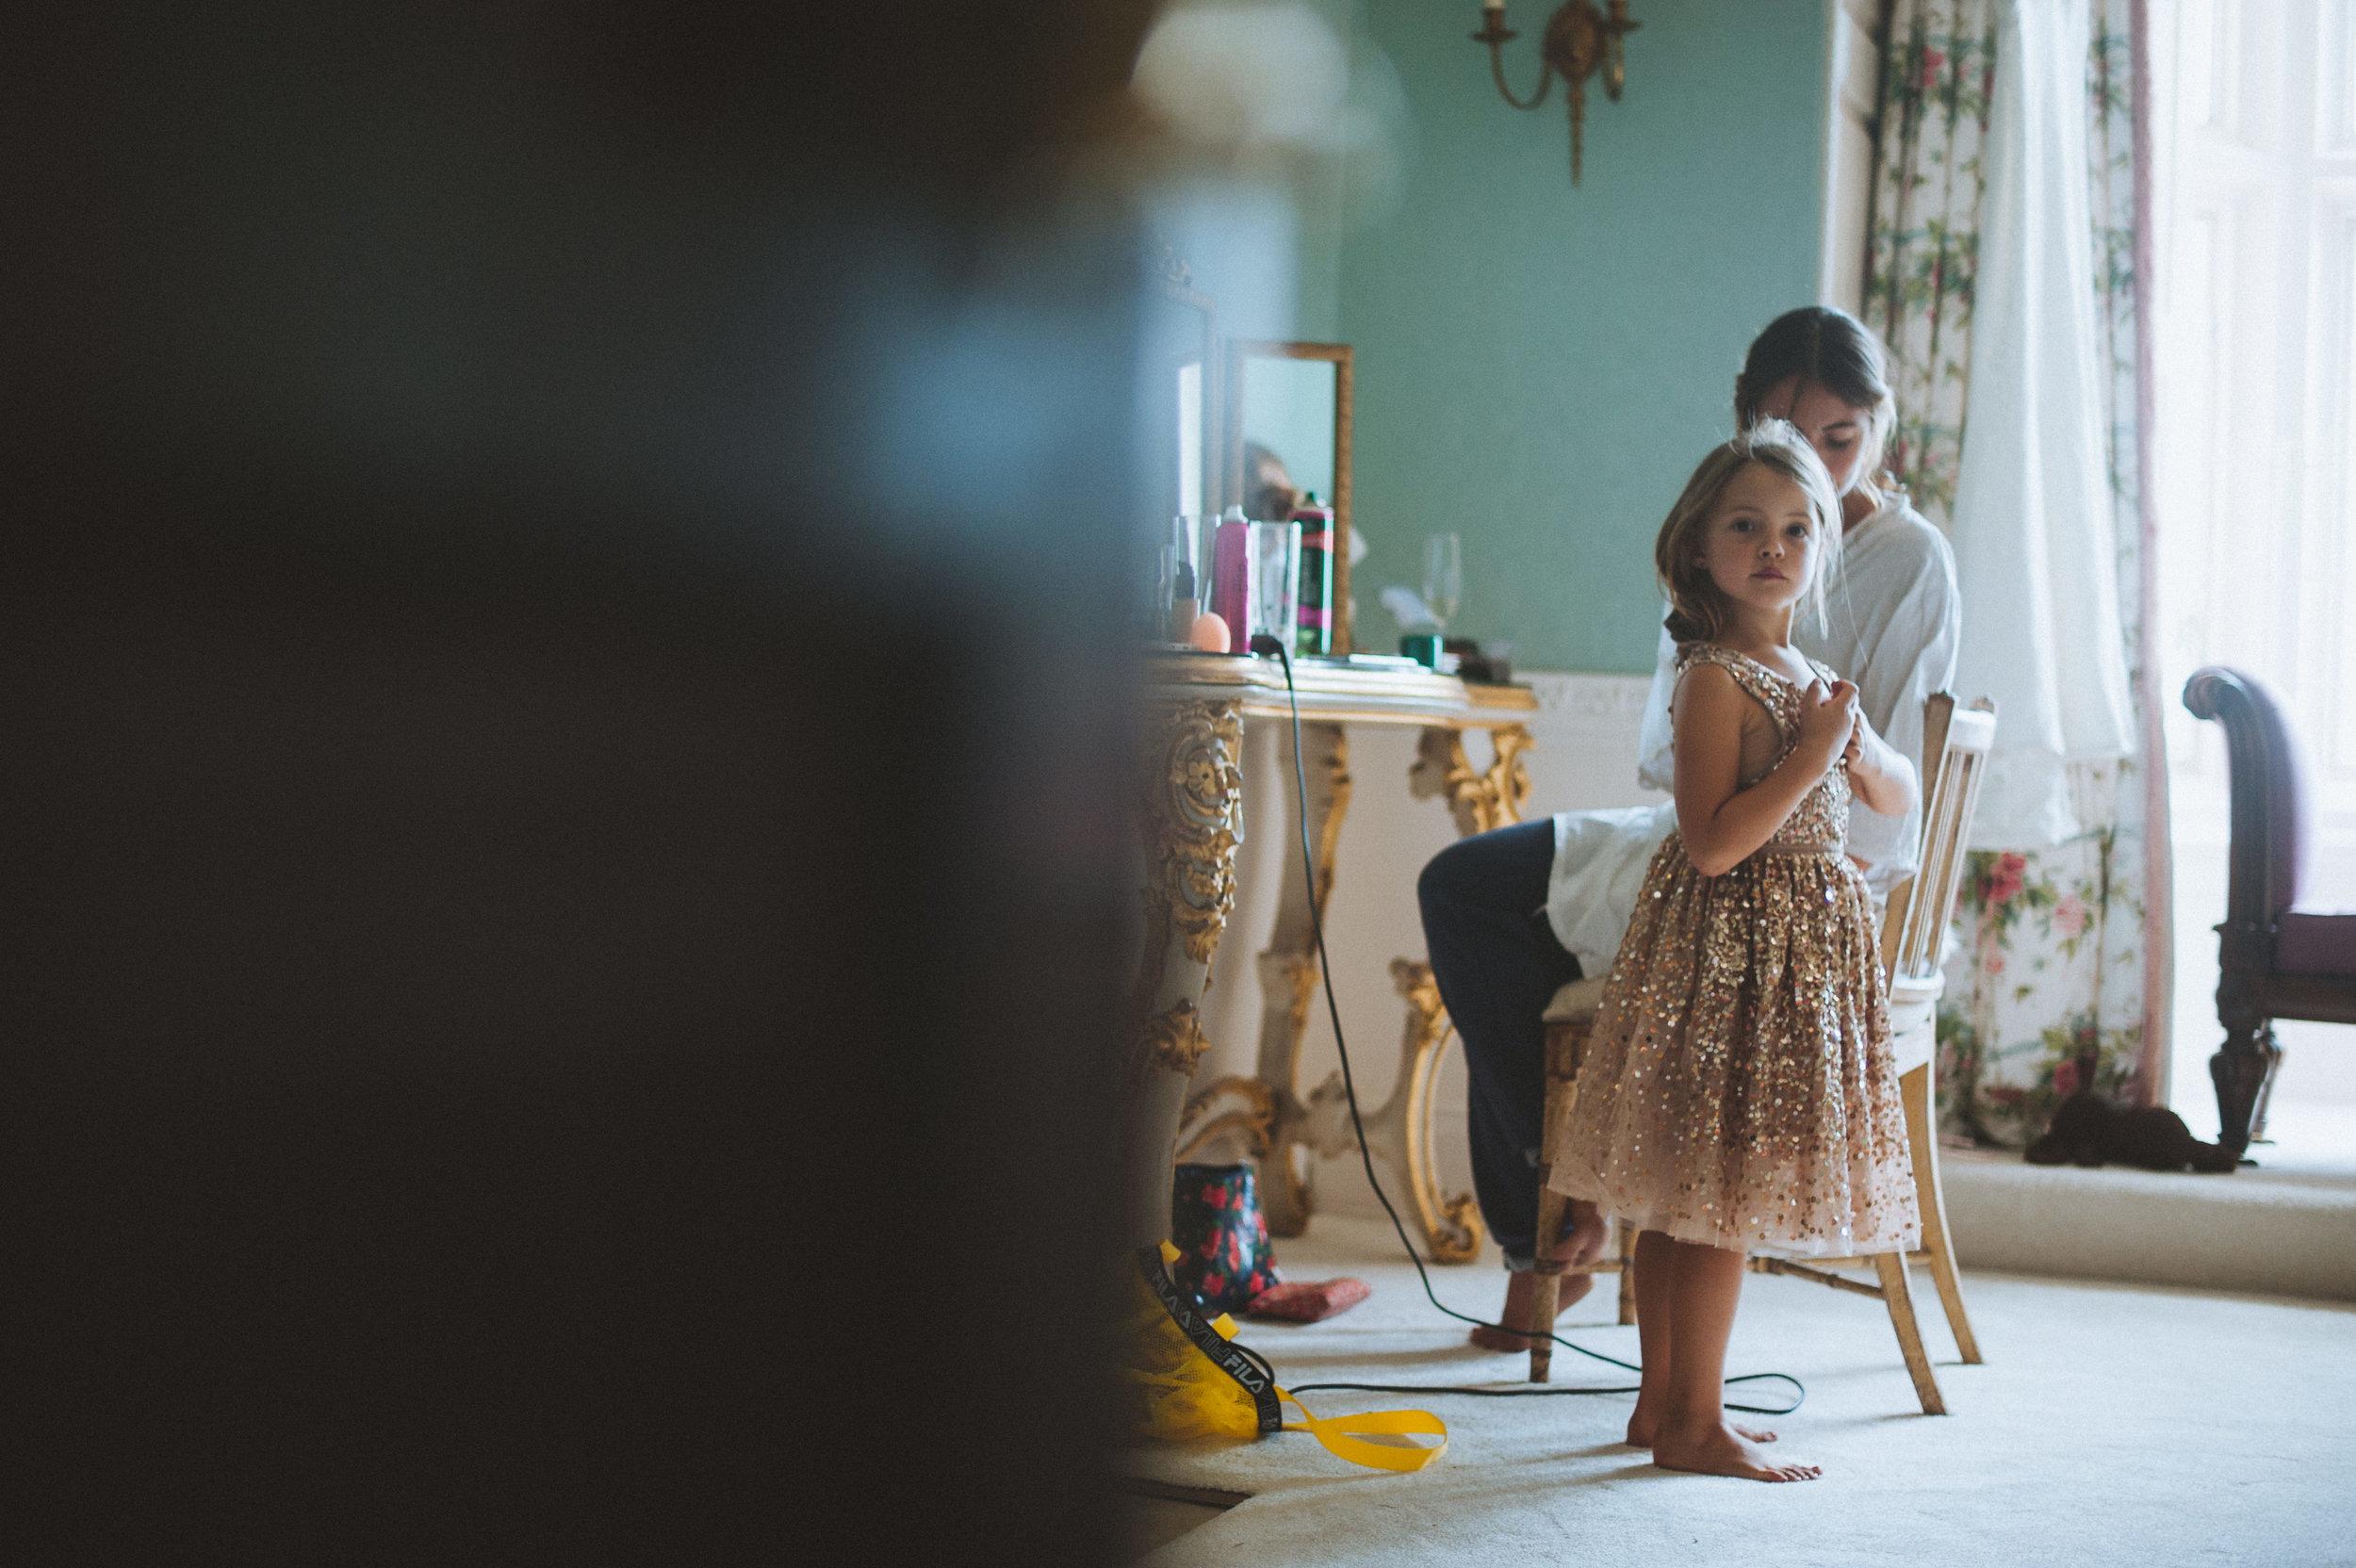 powderham castle wedding 02.jpg